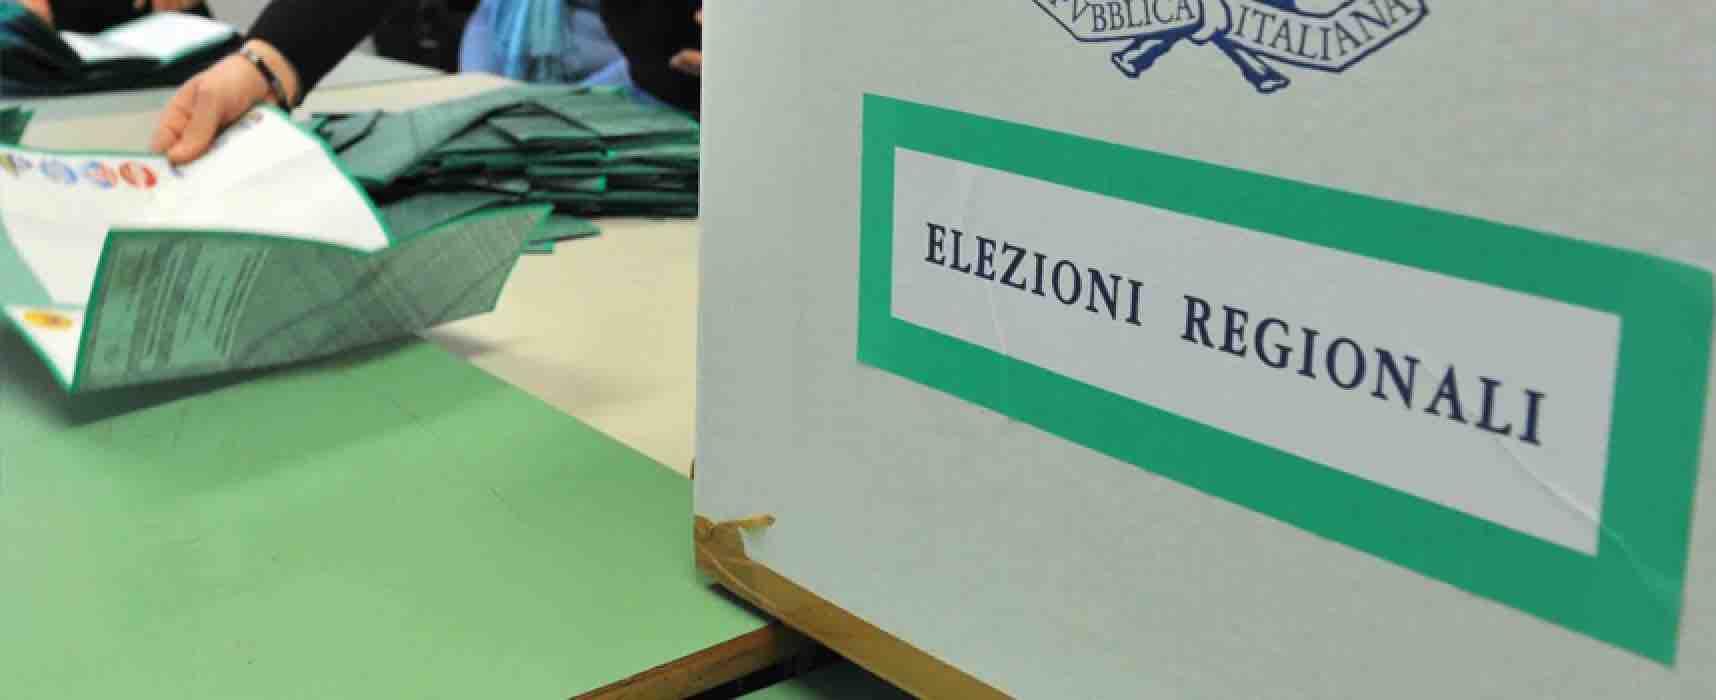 Rilascio certificati medici elettori fisicamente impediti